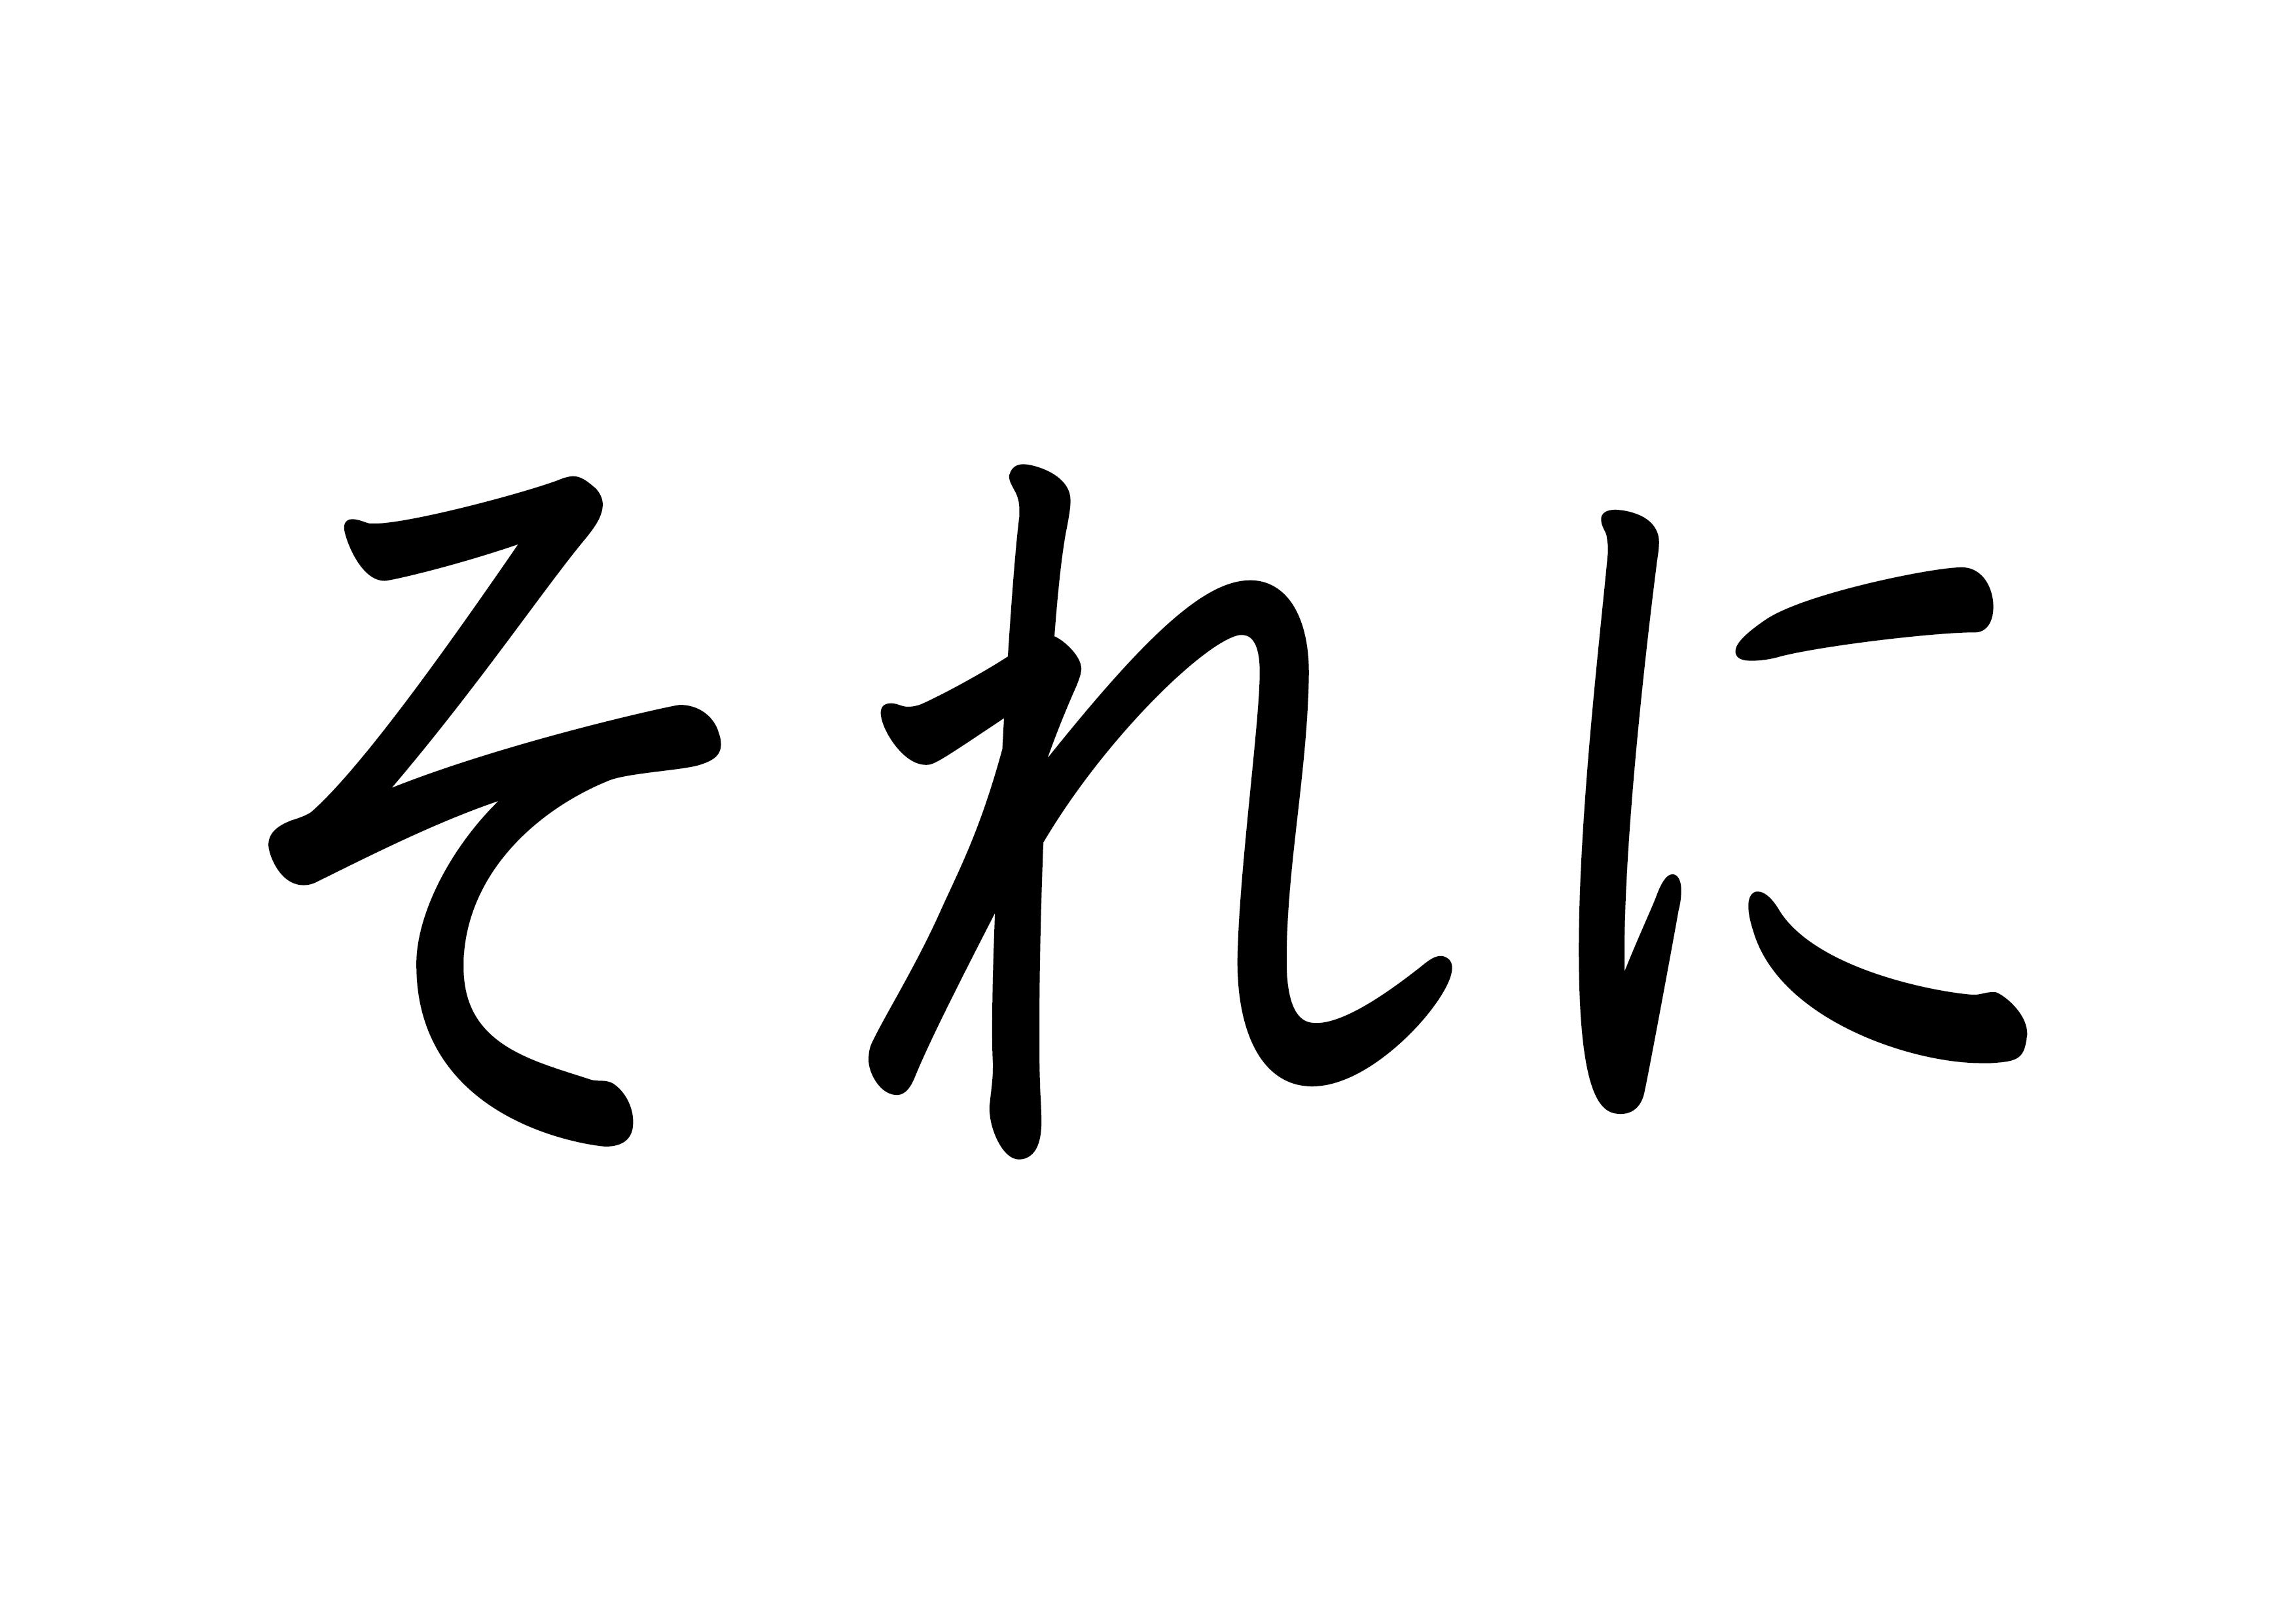 28課文字カード【それに】